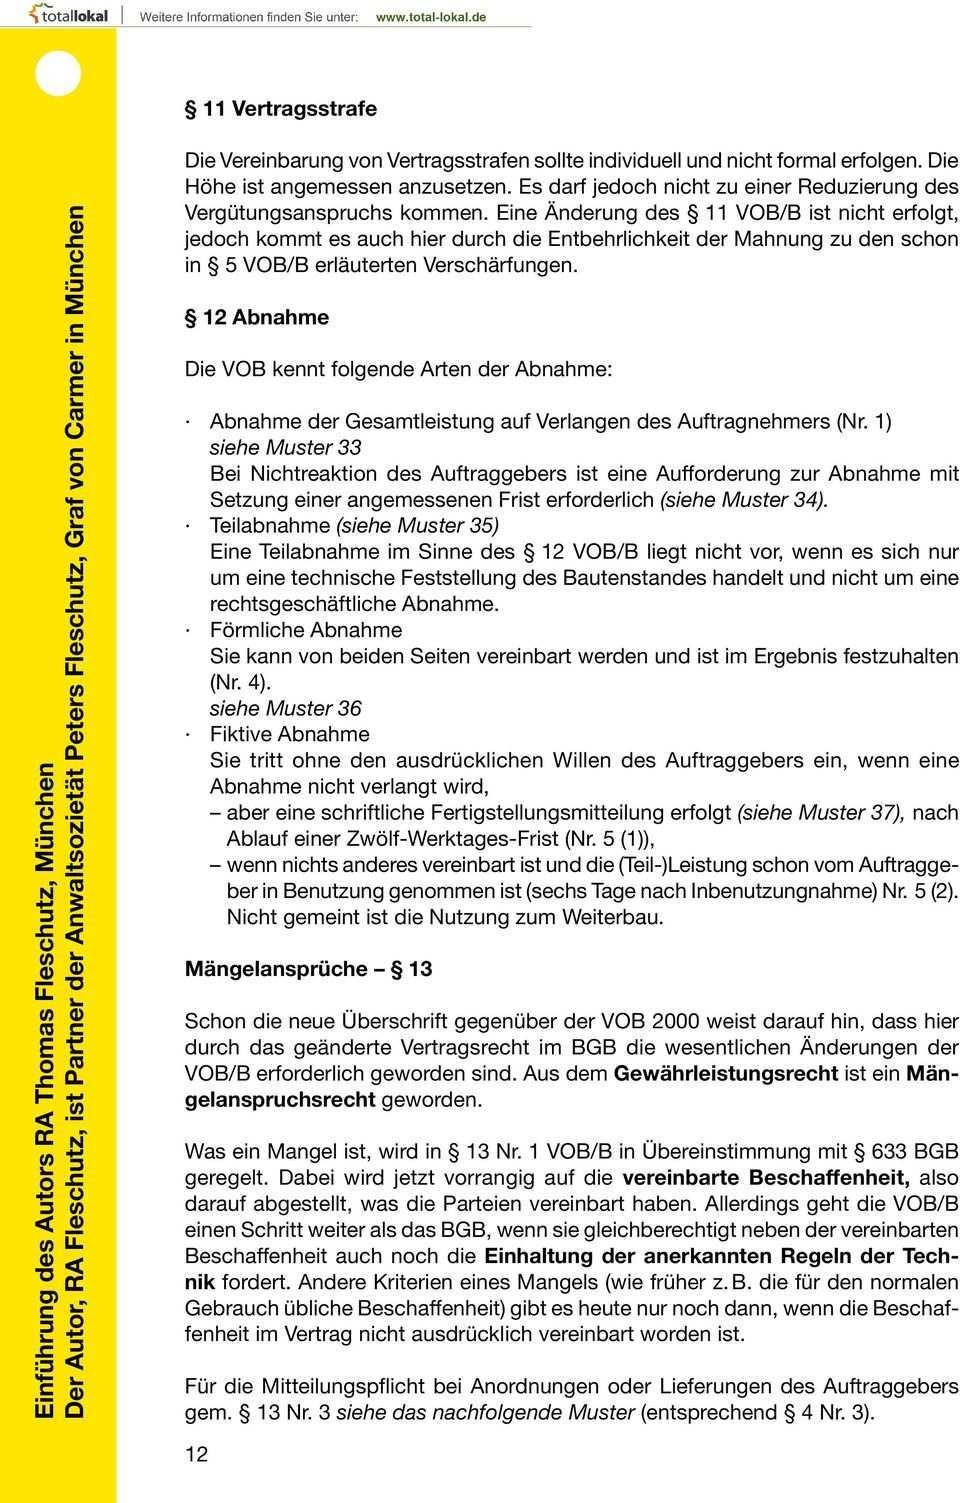 Innung Fur Elektro Und Informationstechnik Munchen Mustersammlung Vob B Pdf Kostenfreier Download